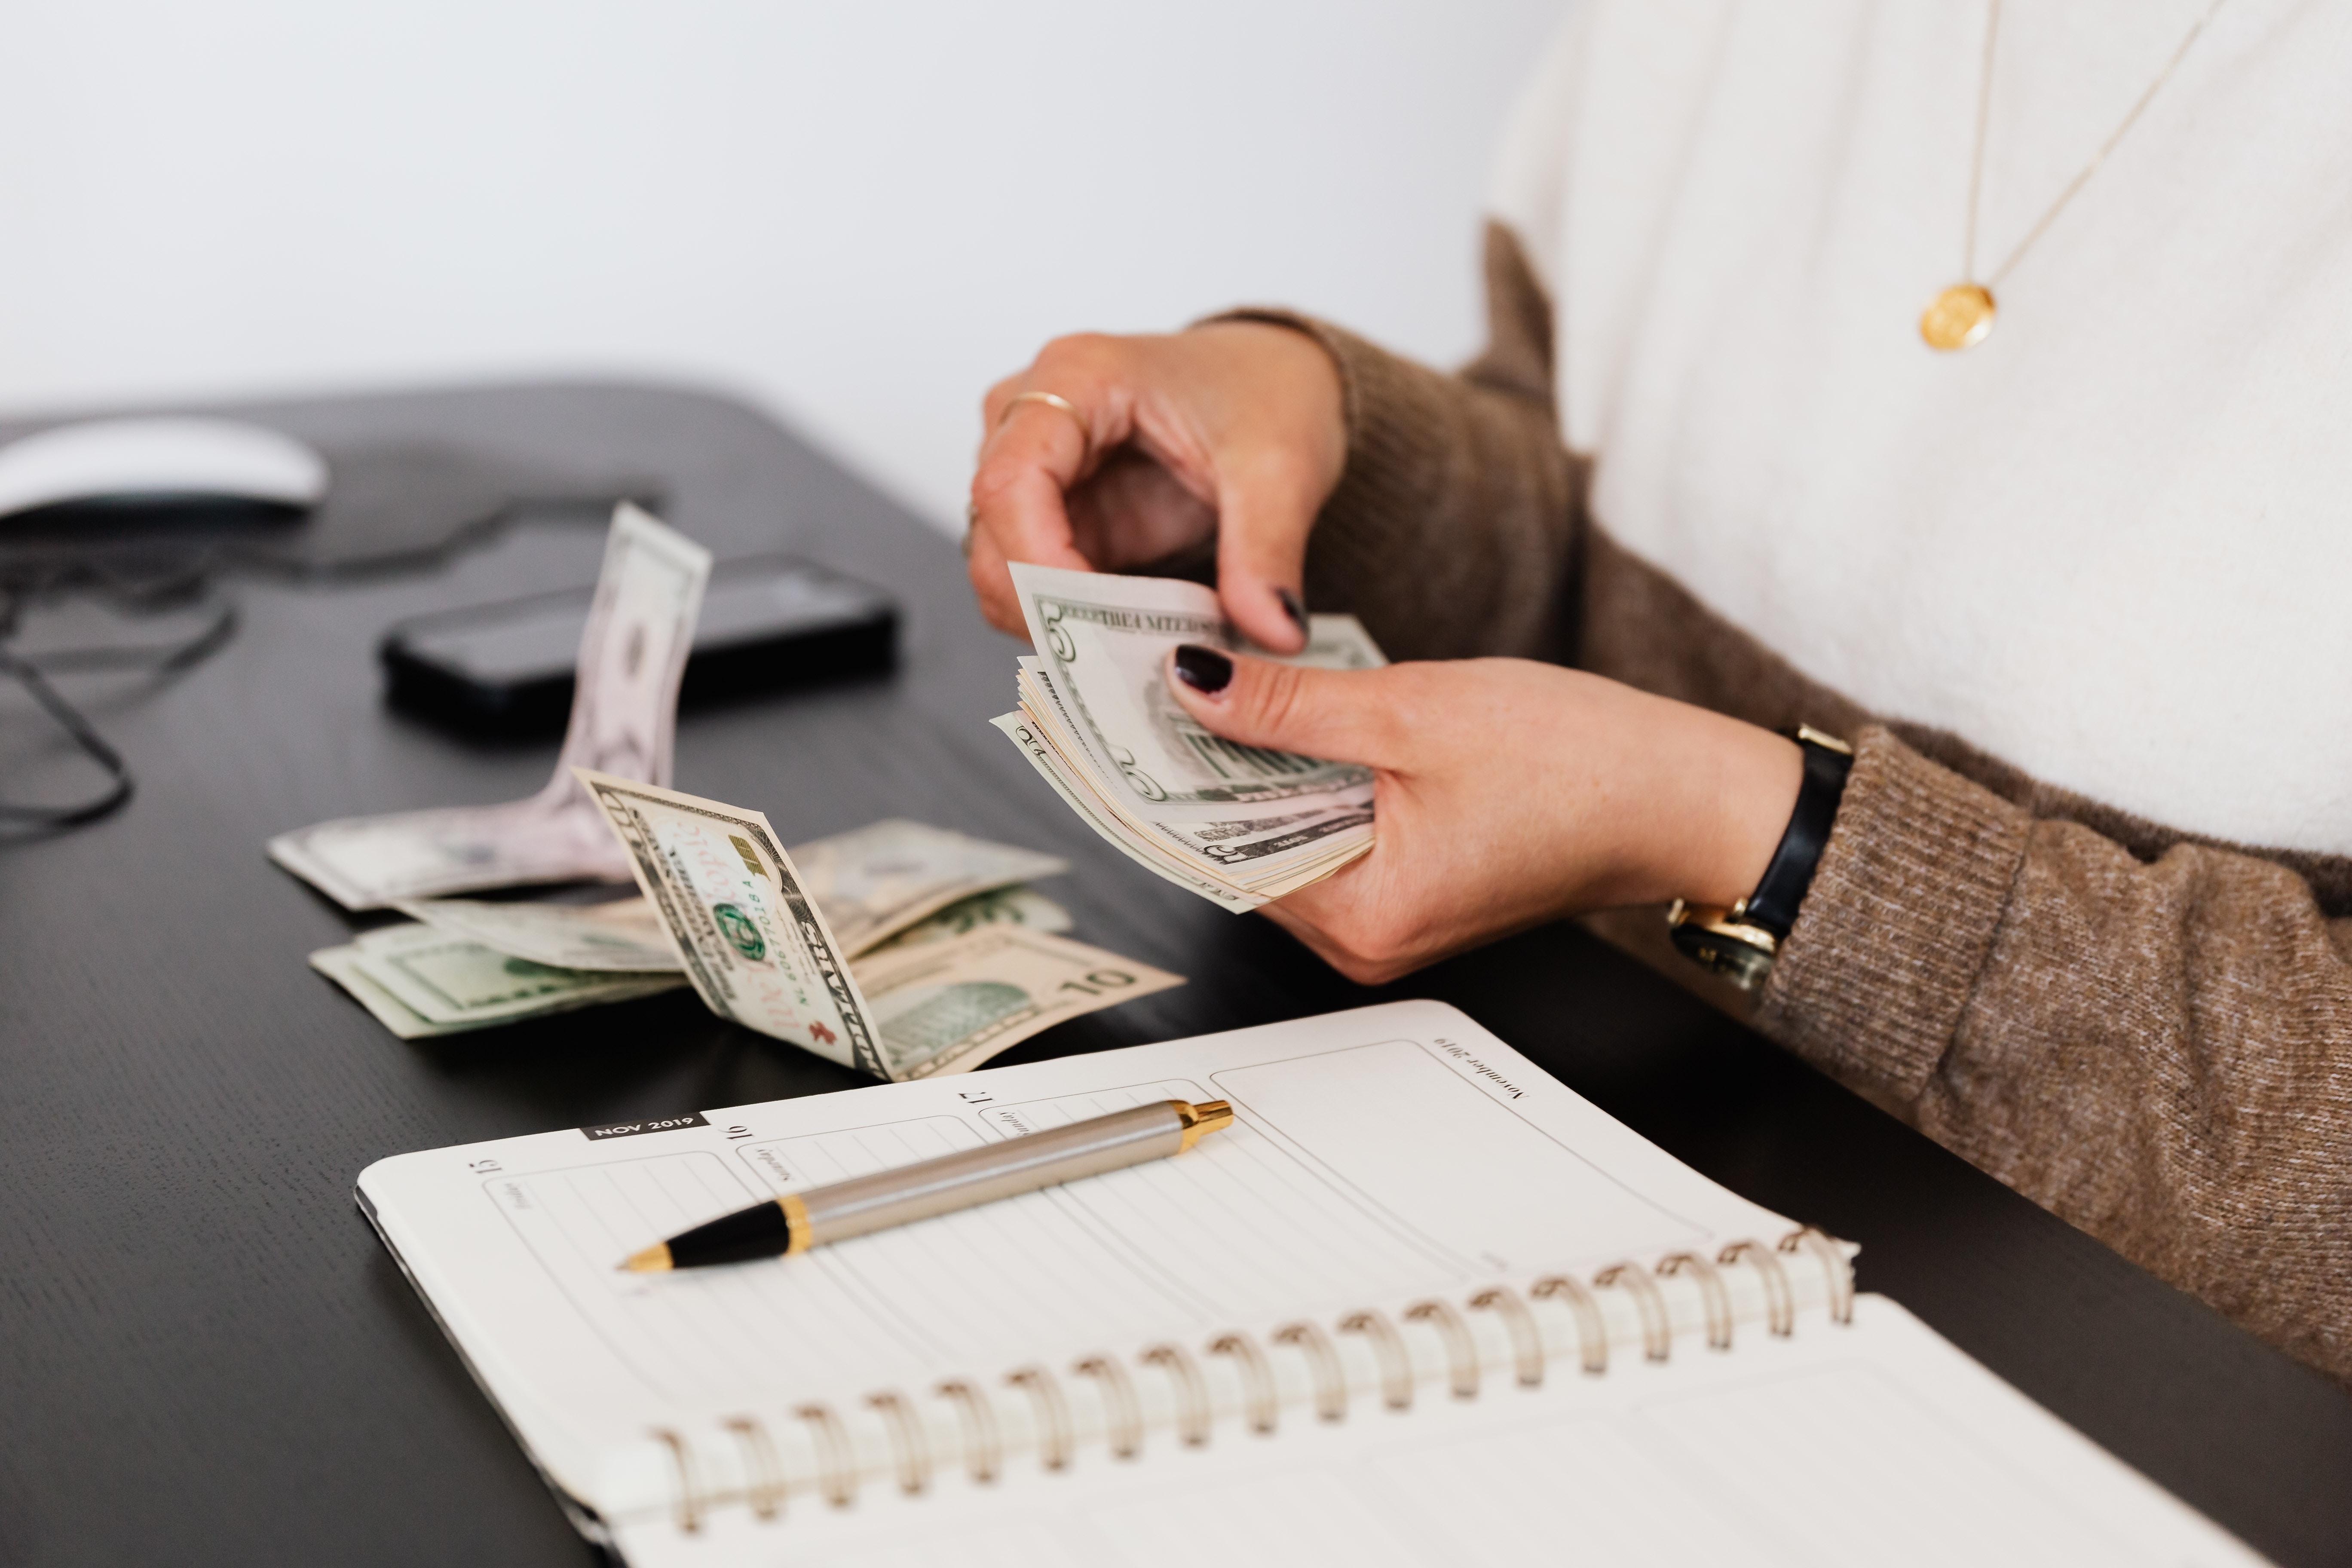 为什么未来的薪水差距会越拉越大?